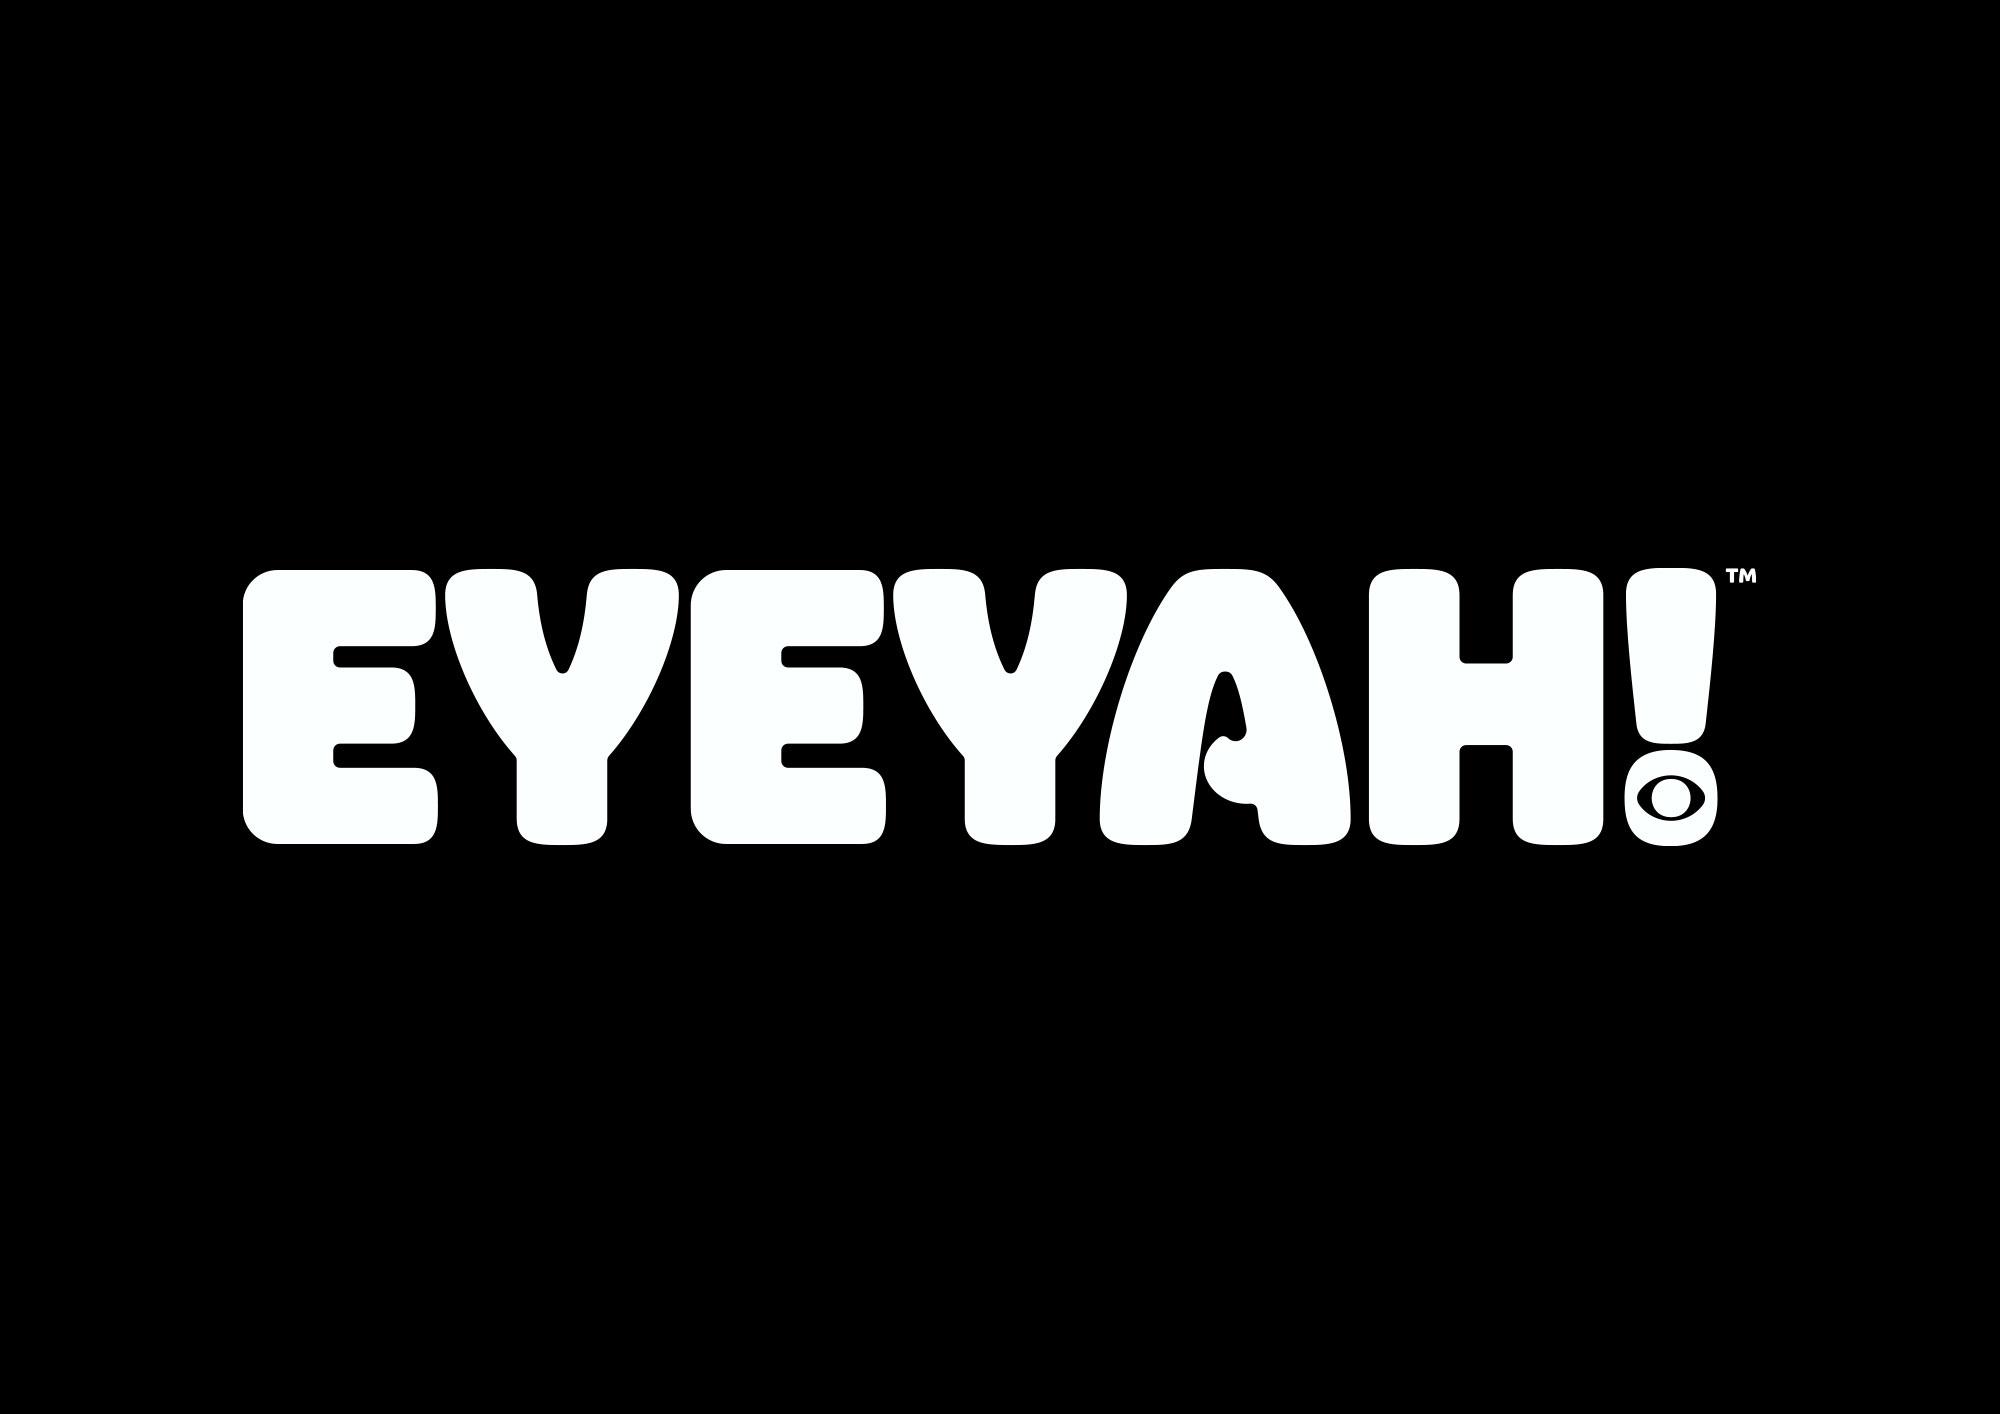 Identity design for Singapore based EYEYAH! magazine logo - White on Black.